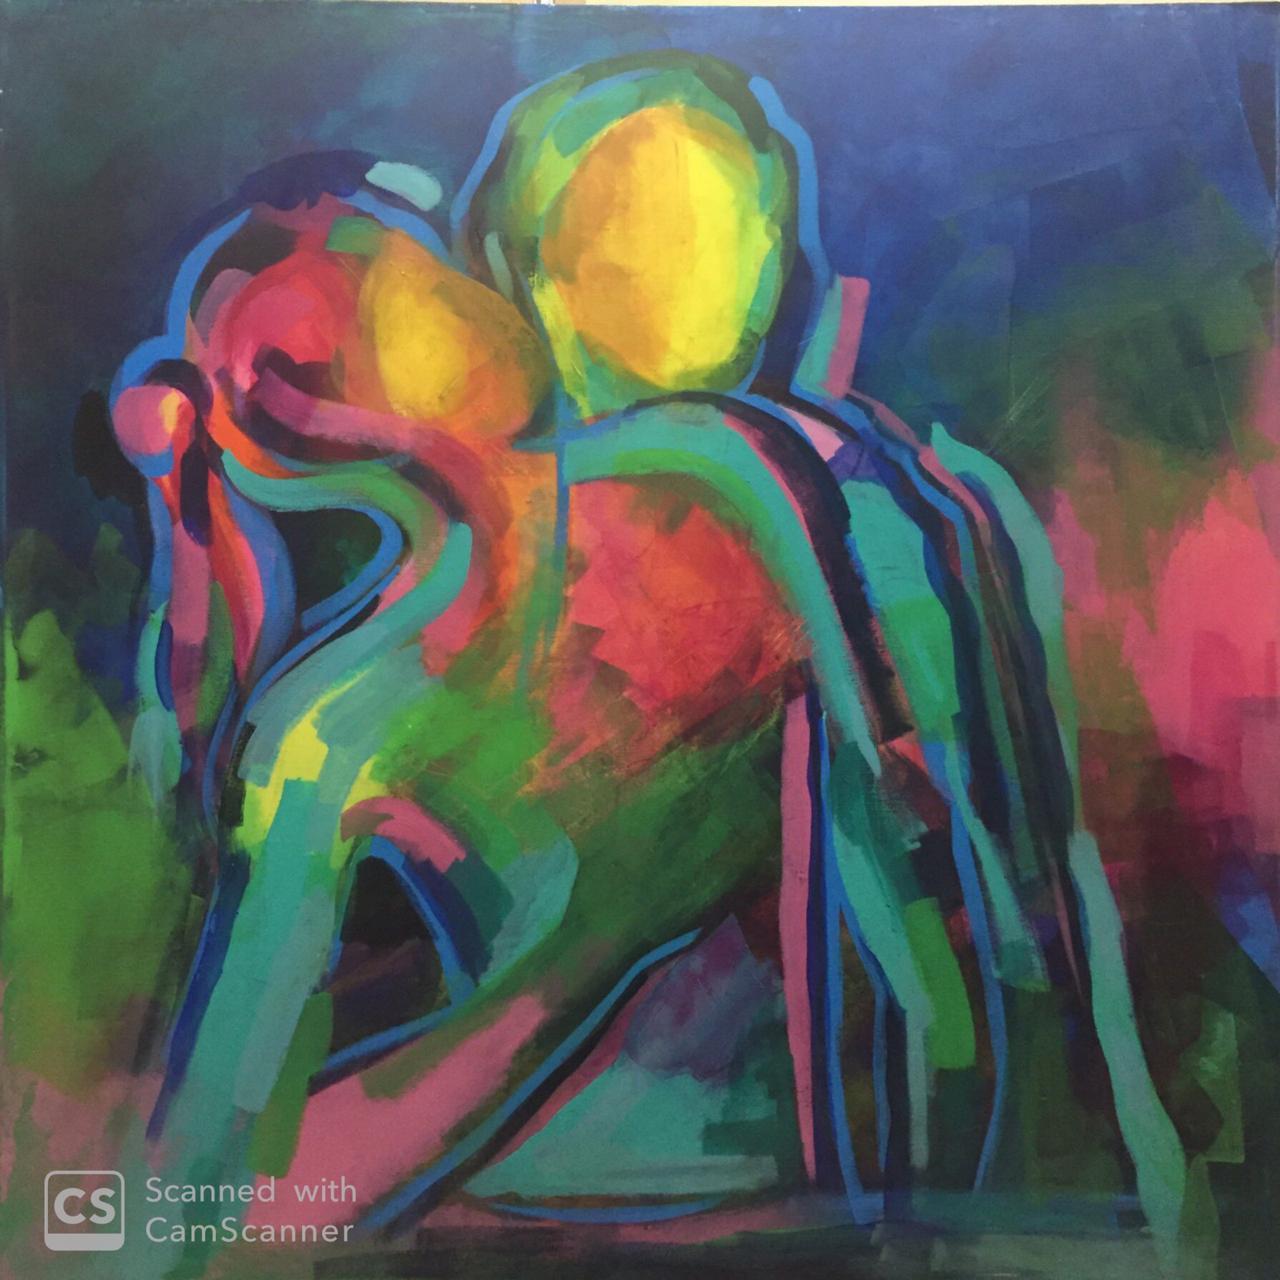 عمل فنى بمعرض هوى للدكتور هانى عبدالبديع (10)